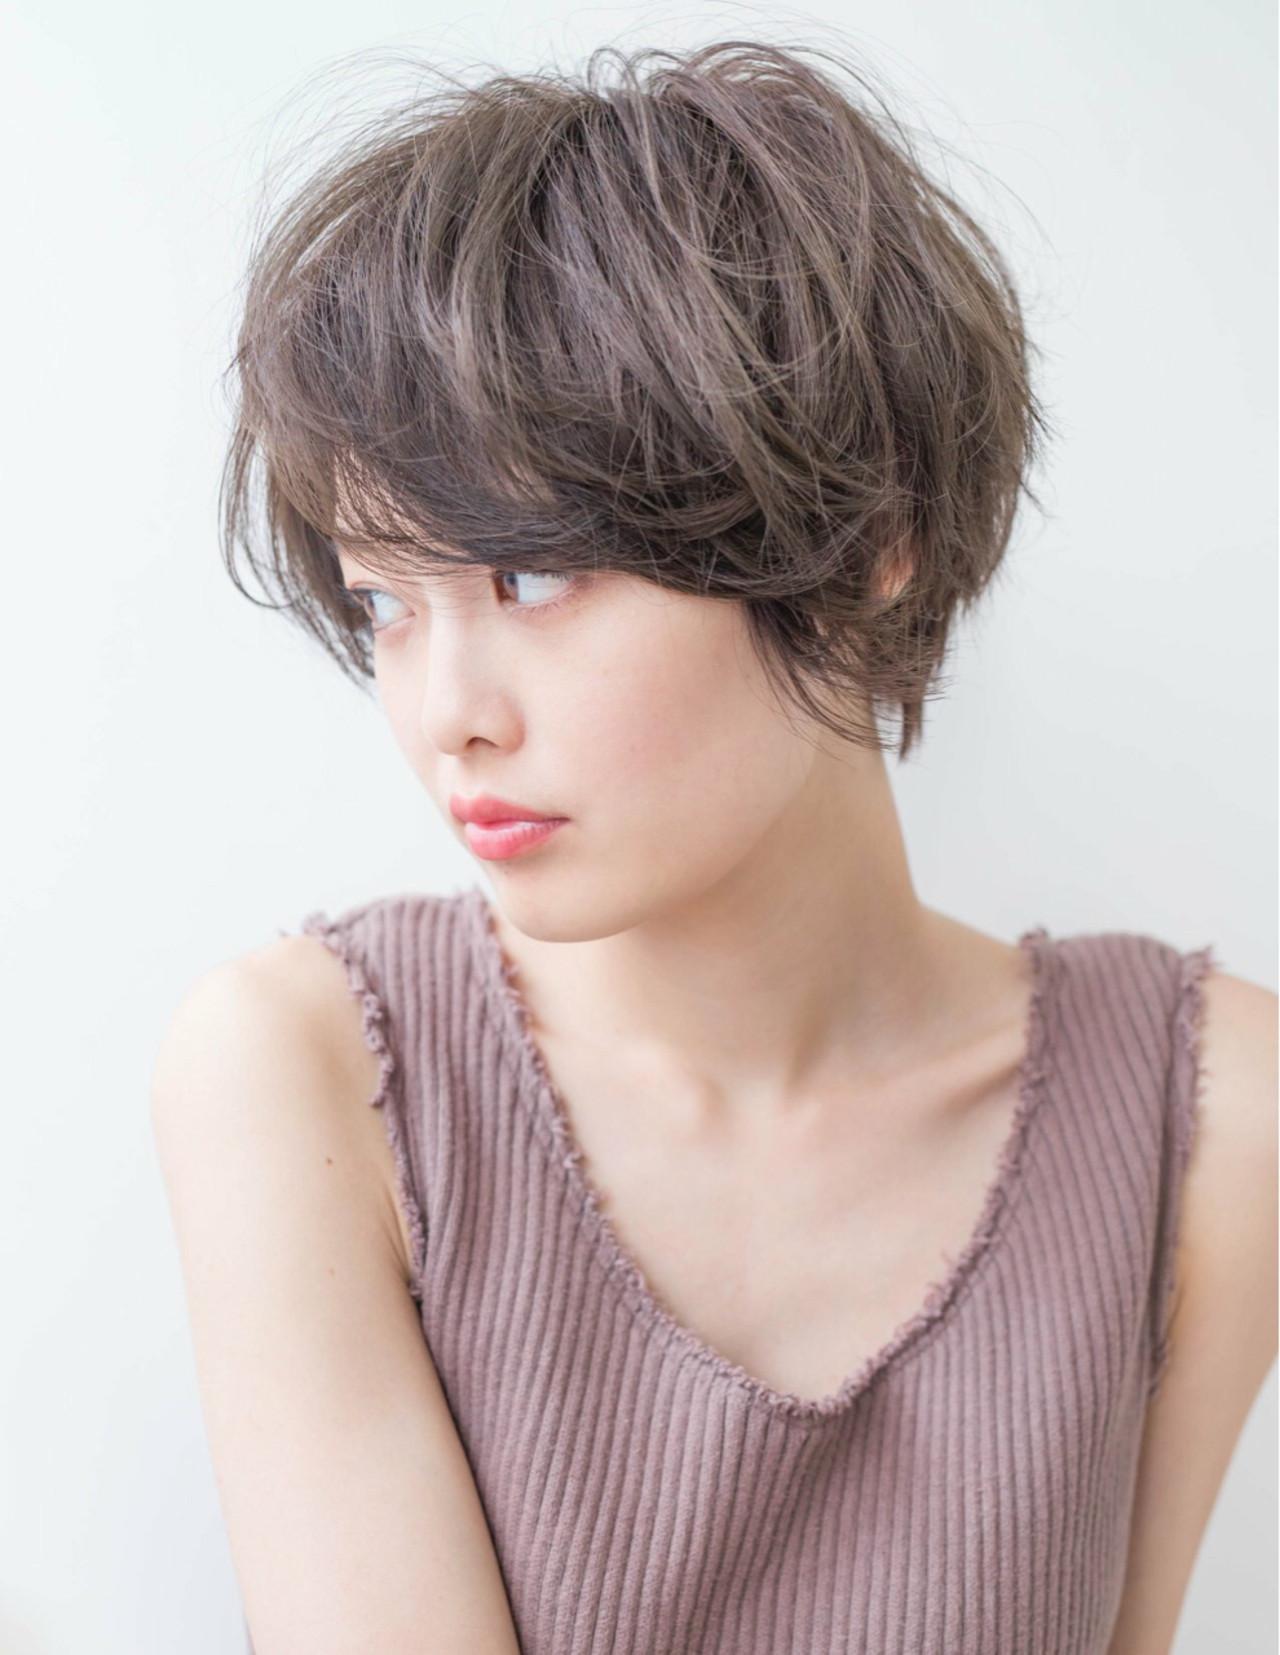 マッシュ 大人女子 大人かわいい 抜け感 ヘアスタイルや髪型の写真・画像